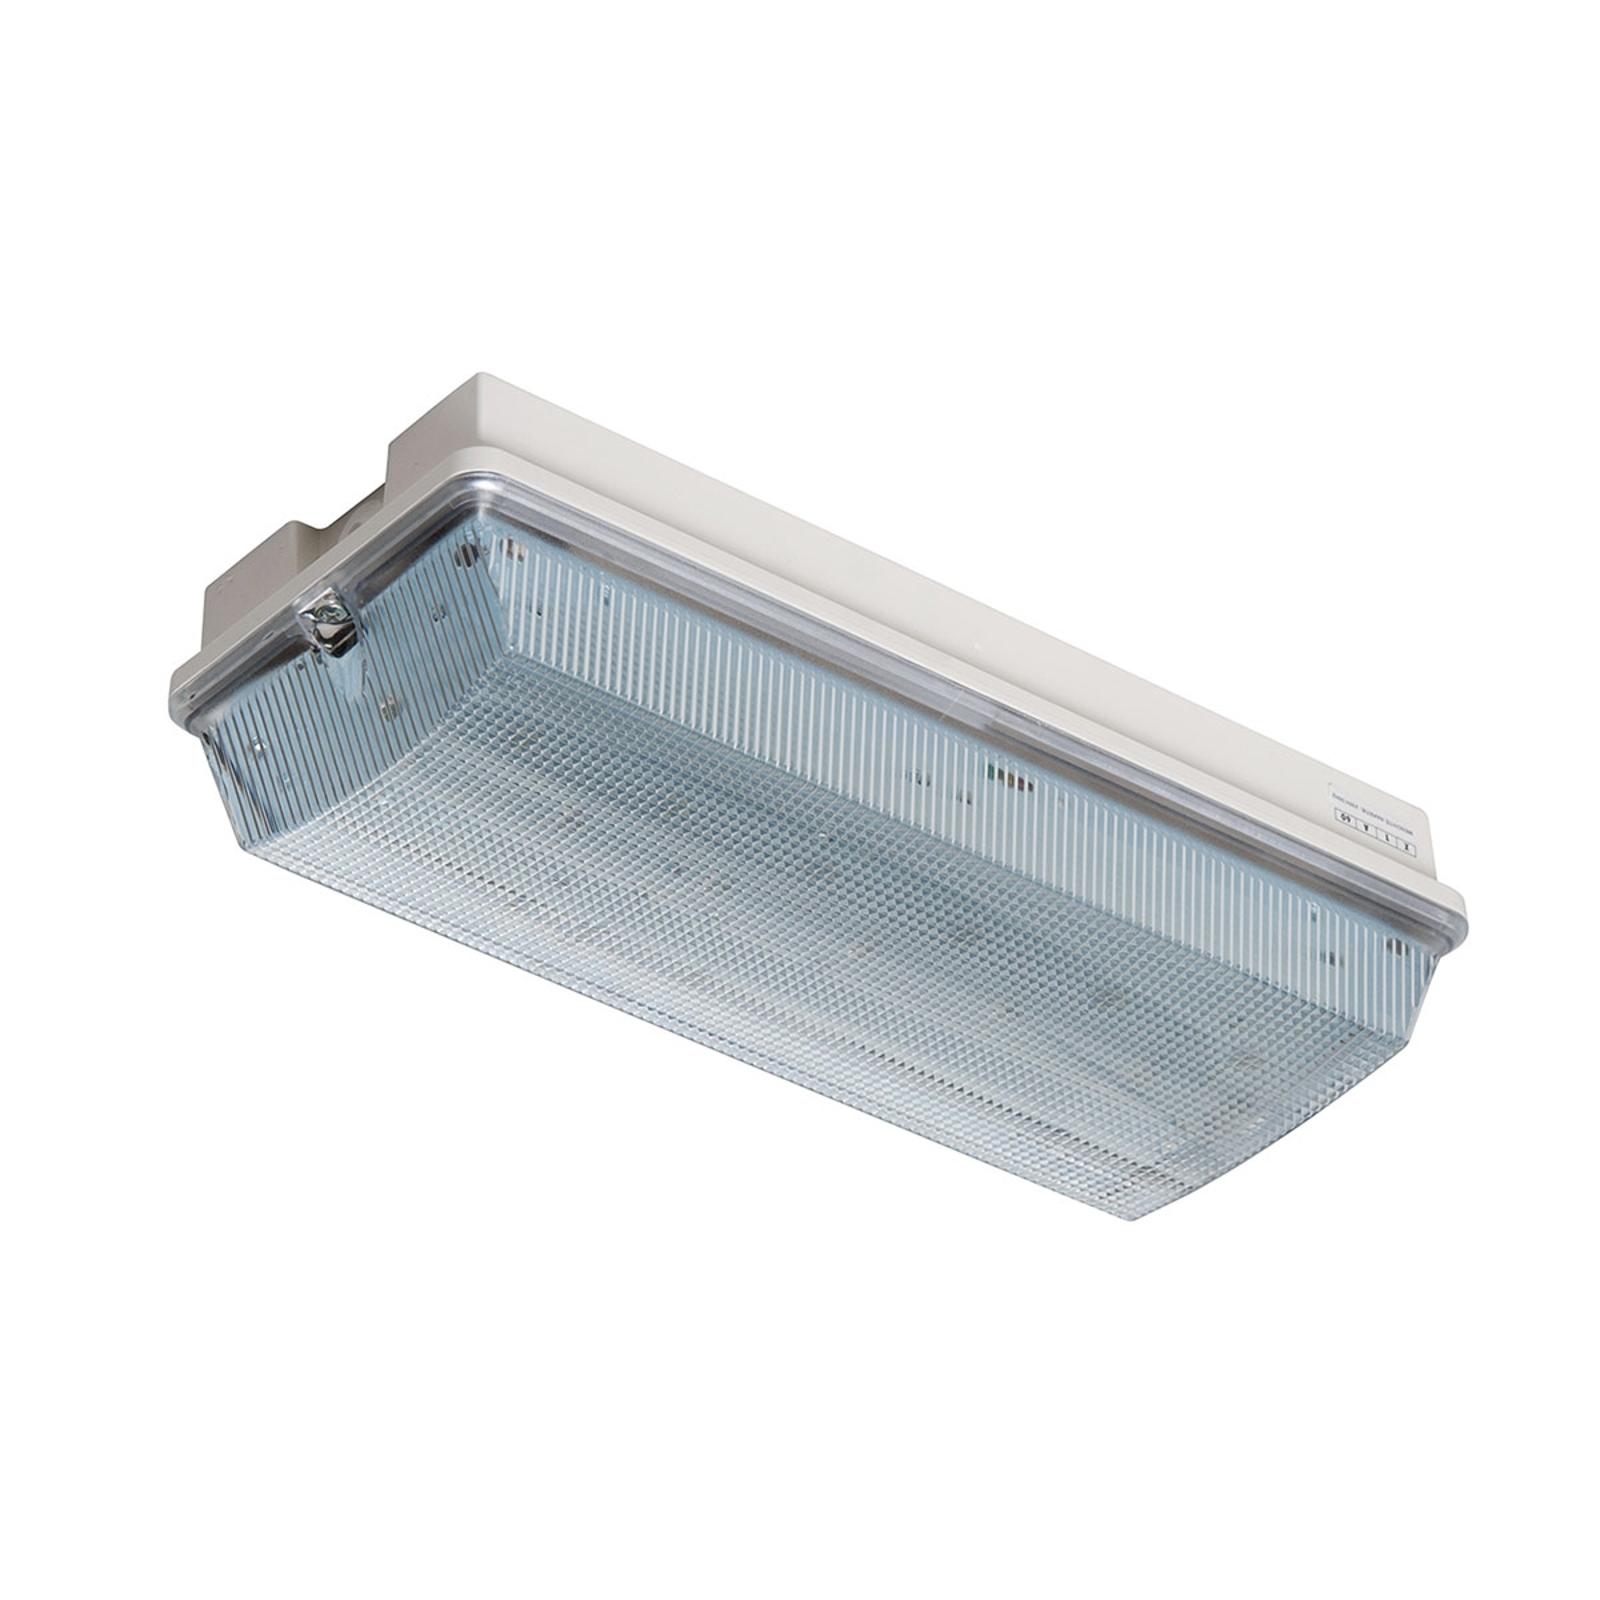 LED-veiligheidslamp Frost-Lux voor tot -30°C